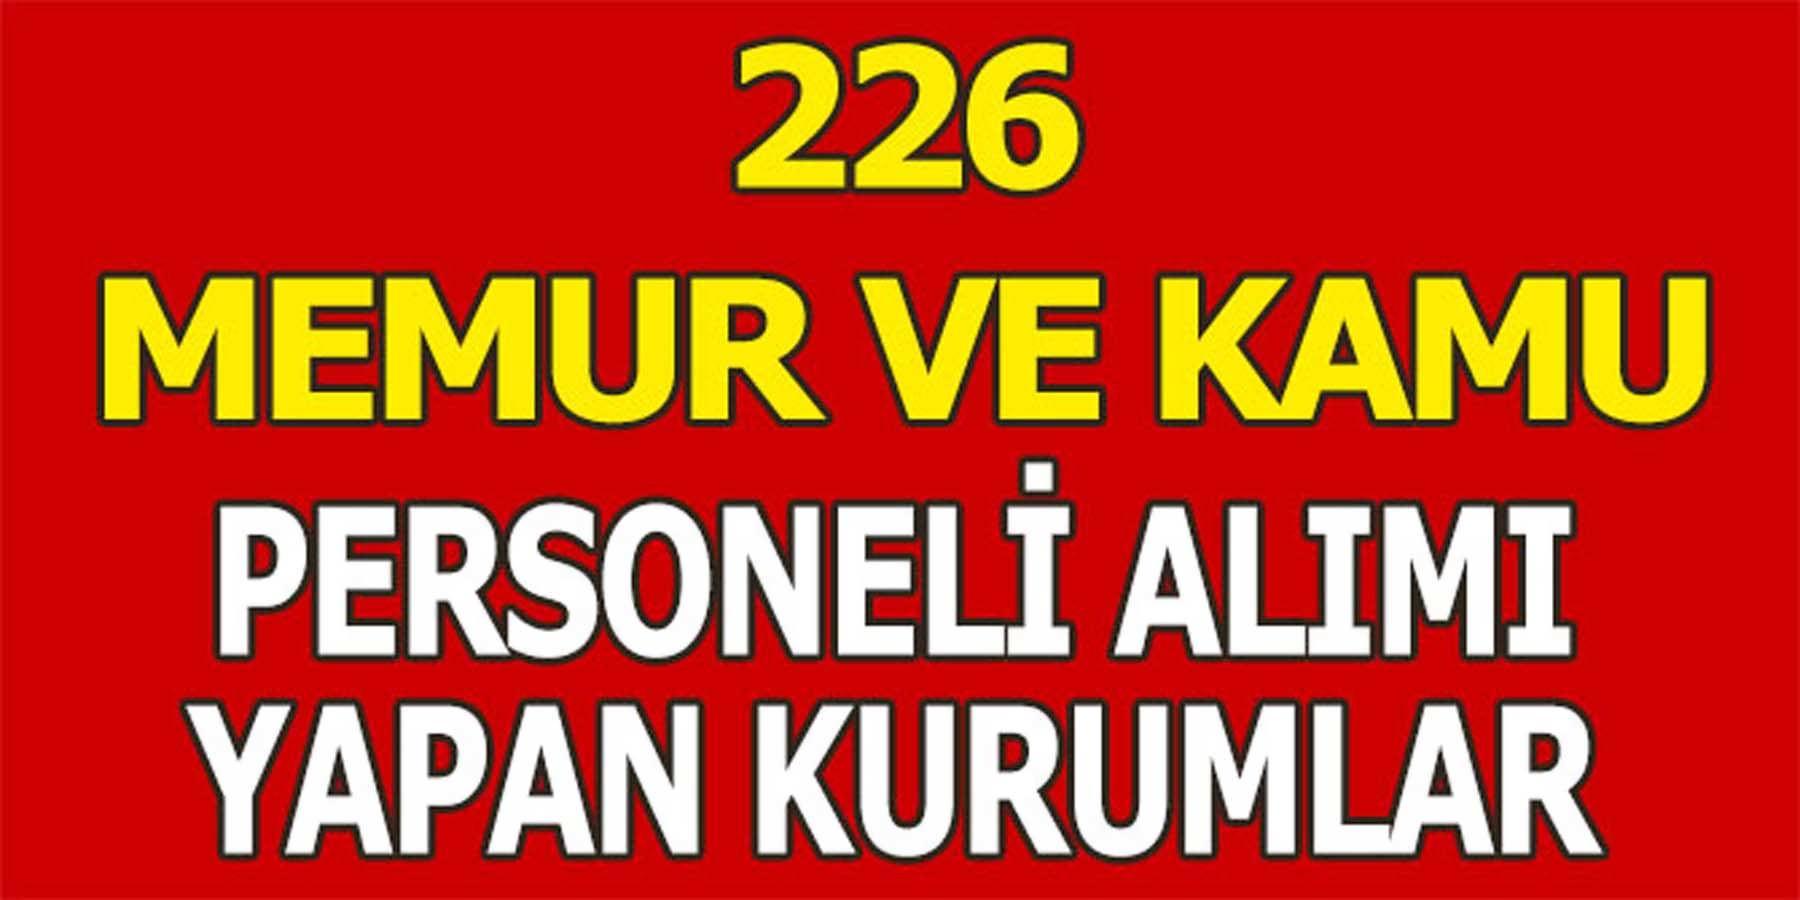 226 Memur ve Kamu Personeli Alımı Yapan Kurumlar